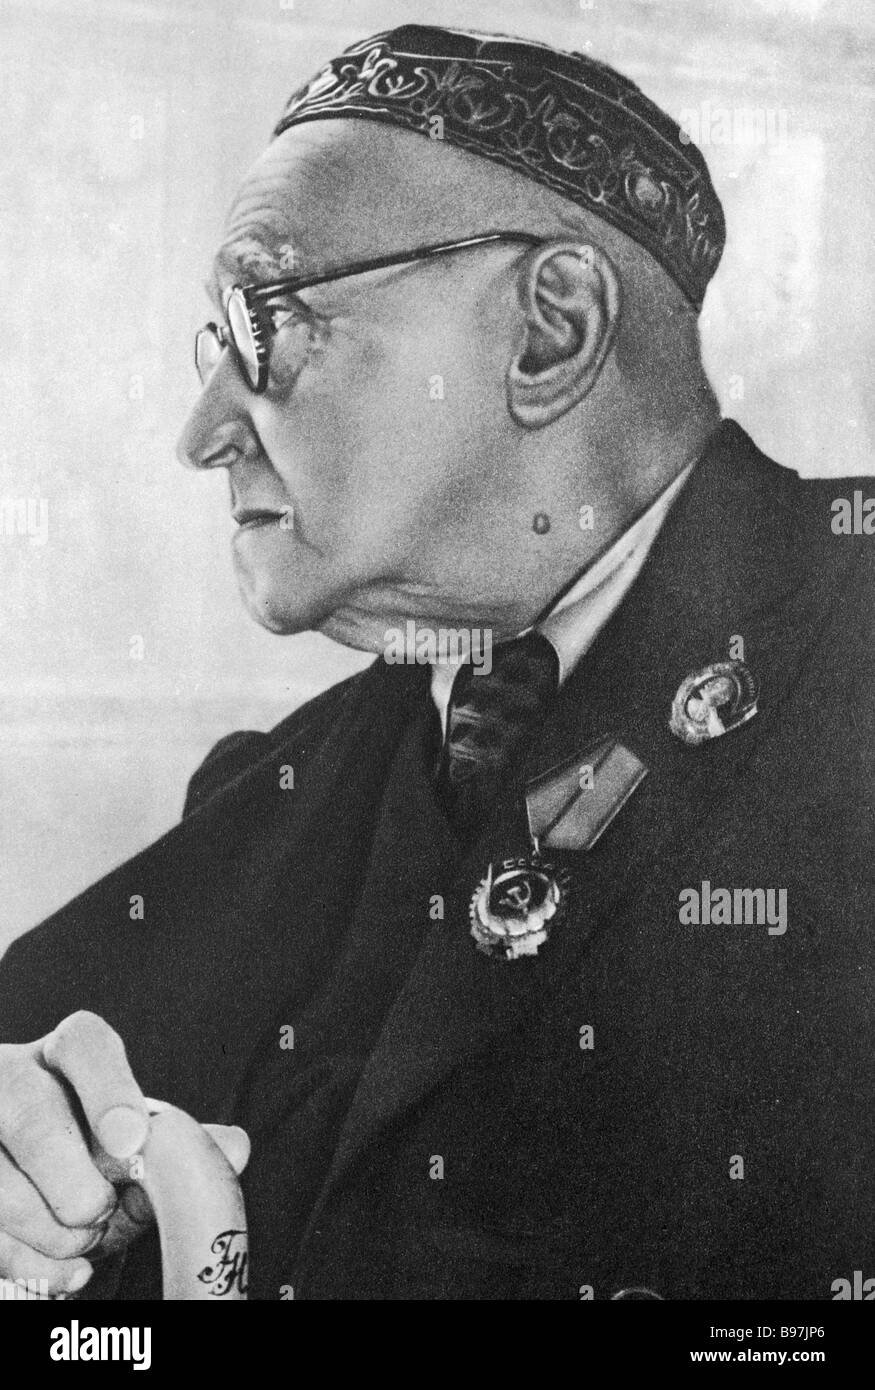 Academician bacteriologist Nikolai Gamaleya - Stock Image